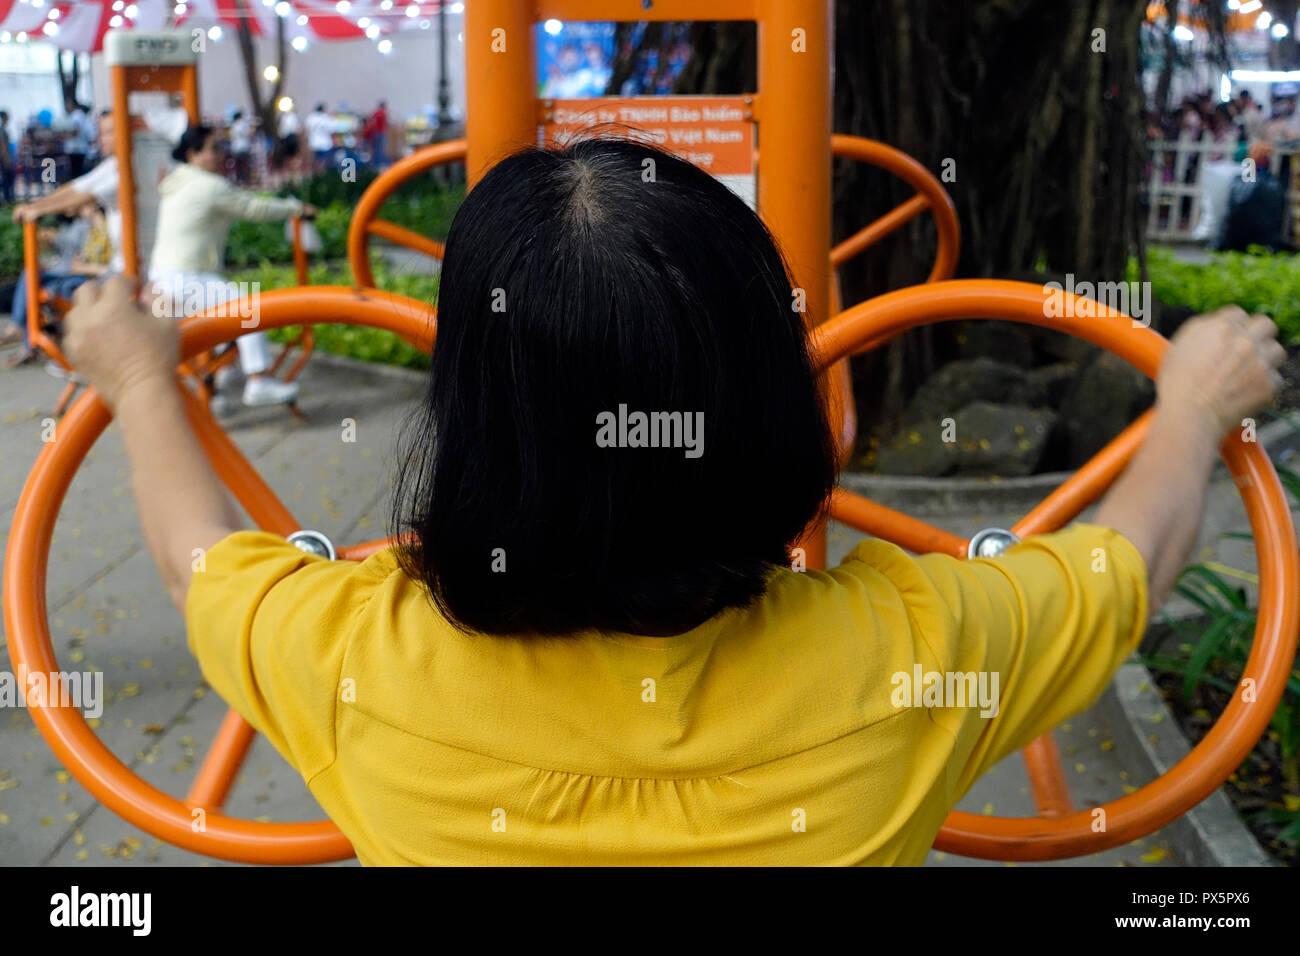 Une femme d'âge moyen à l'aide de l'équipement d'exercice dans un parc. Ho Chi Minh Ville. Le Vietnam. Photo Stock